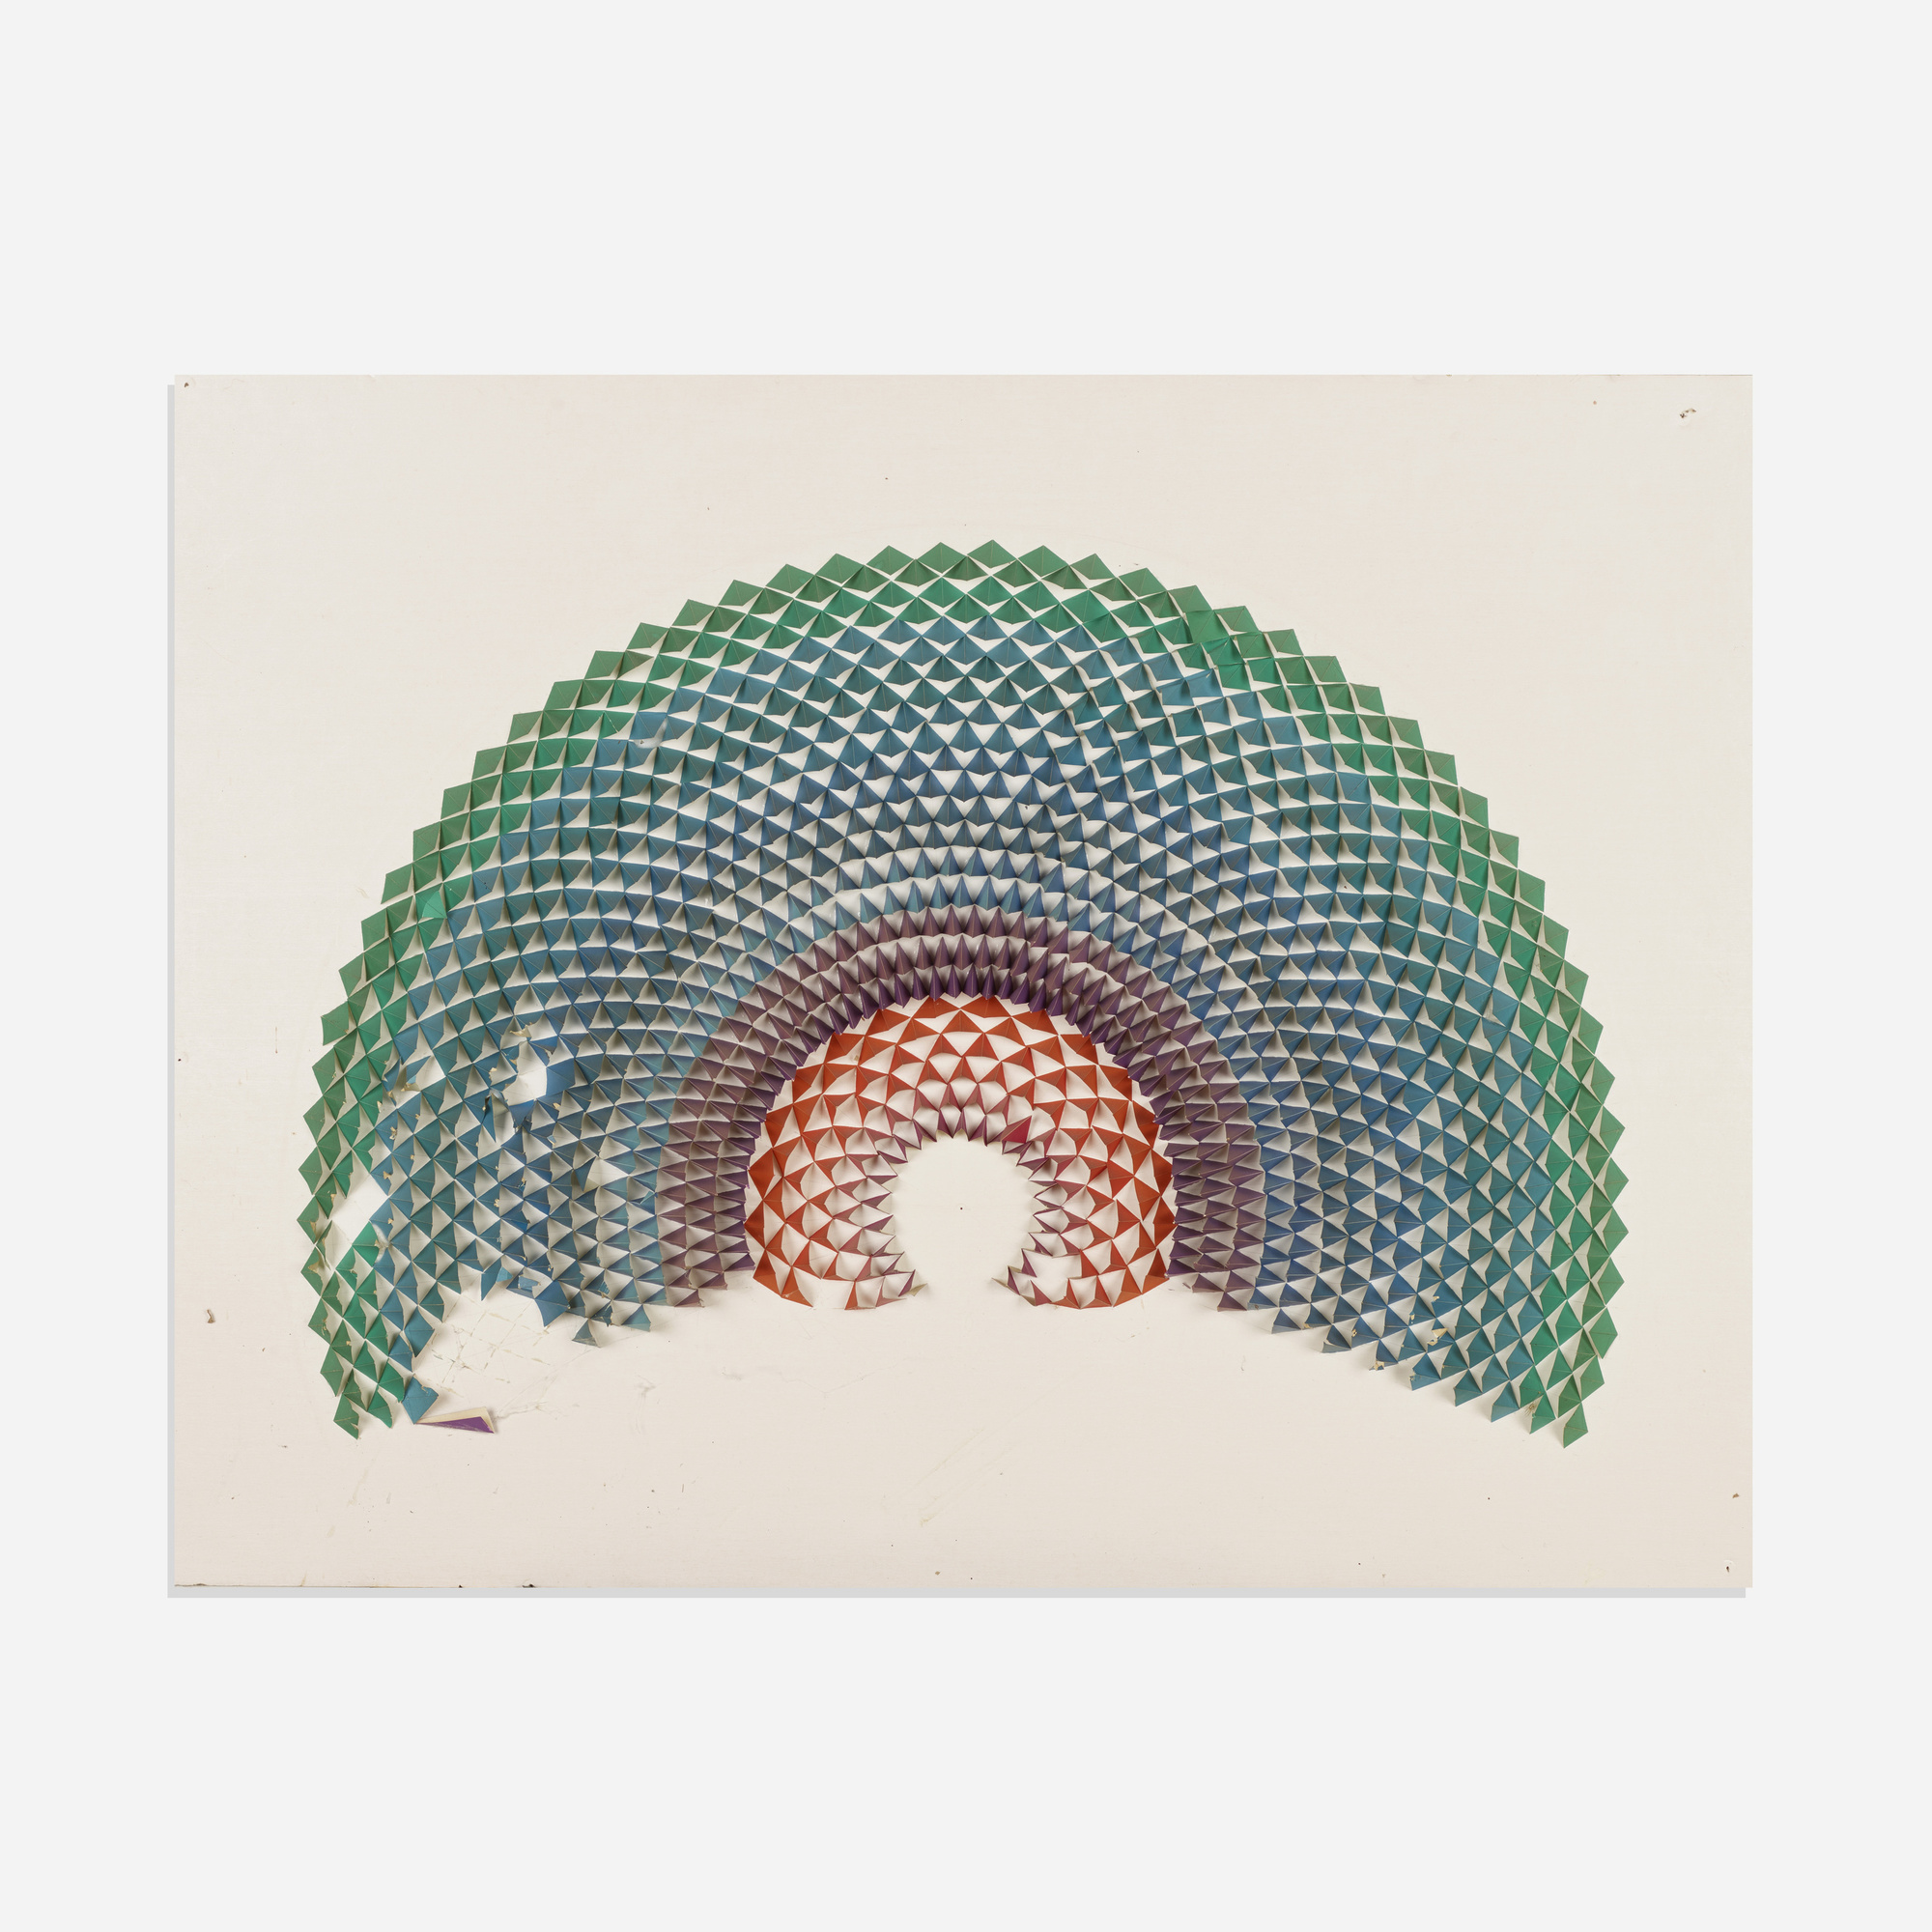 330: Irving Harper / Untitled (1 of 1)